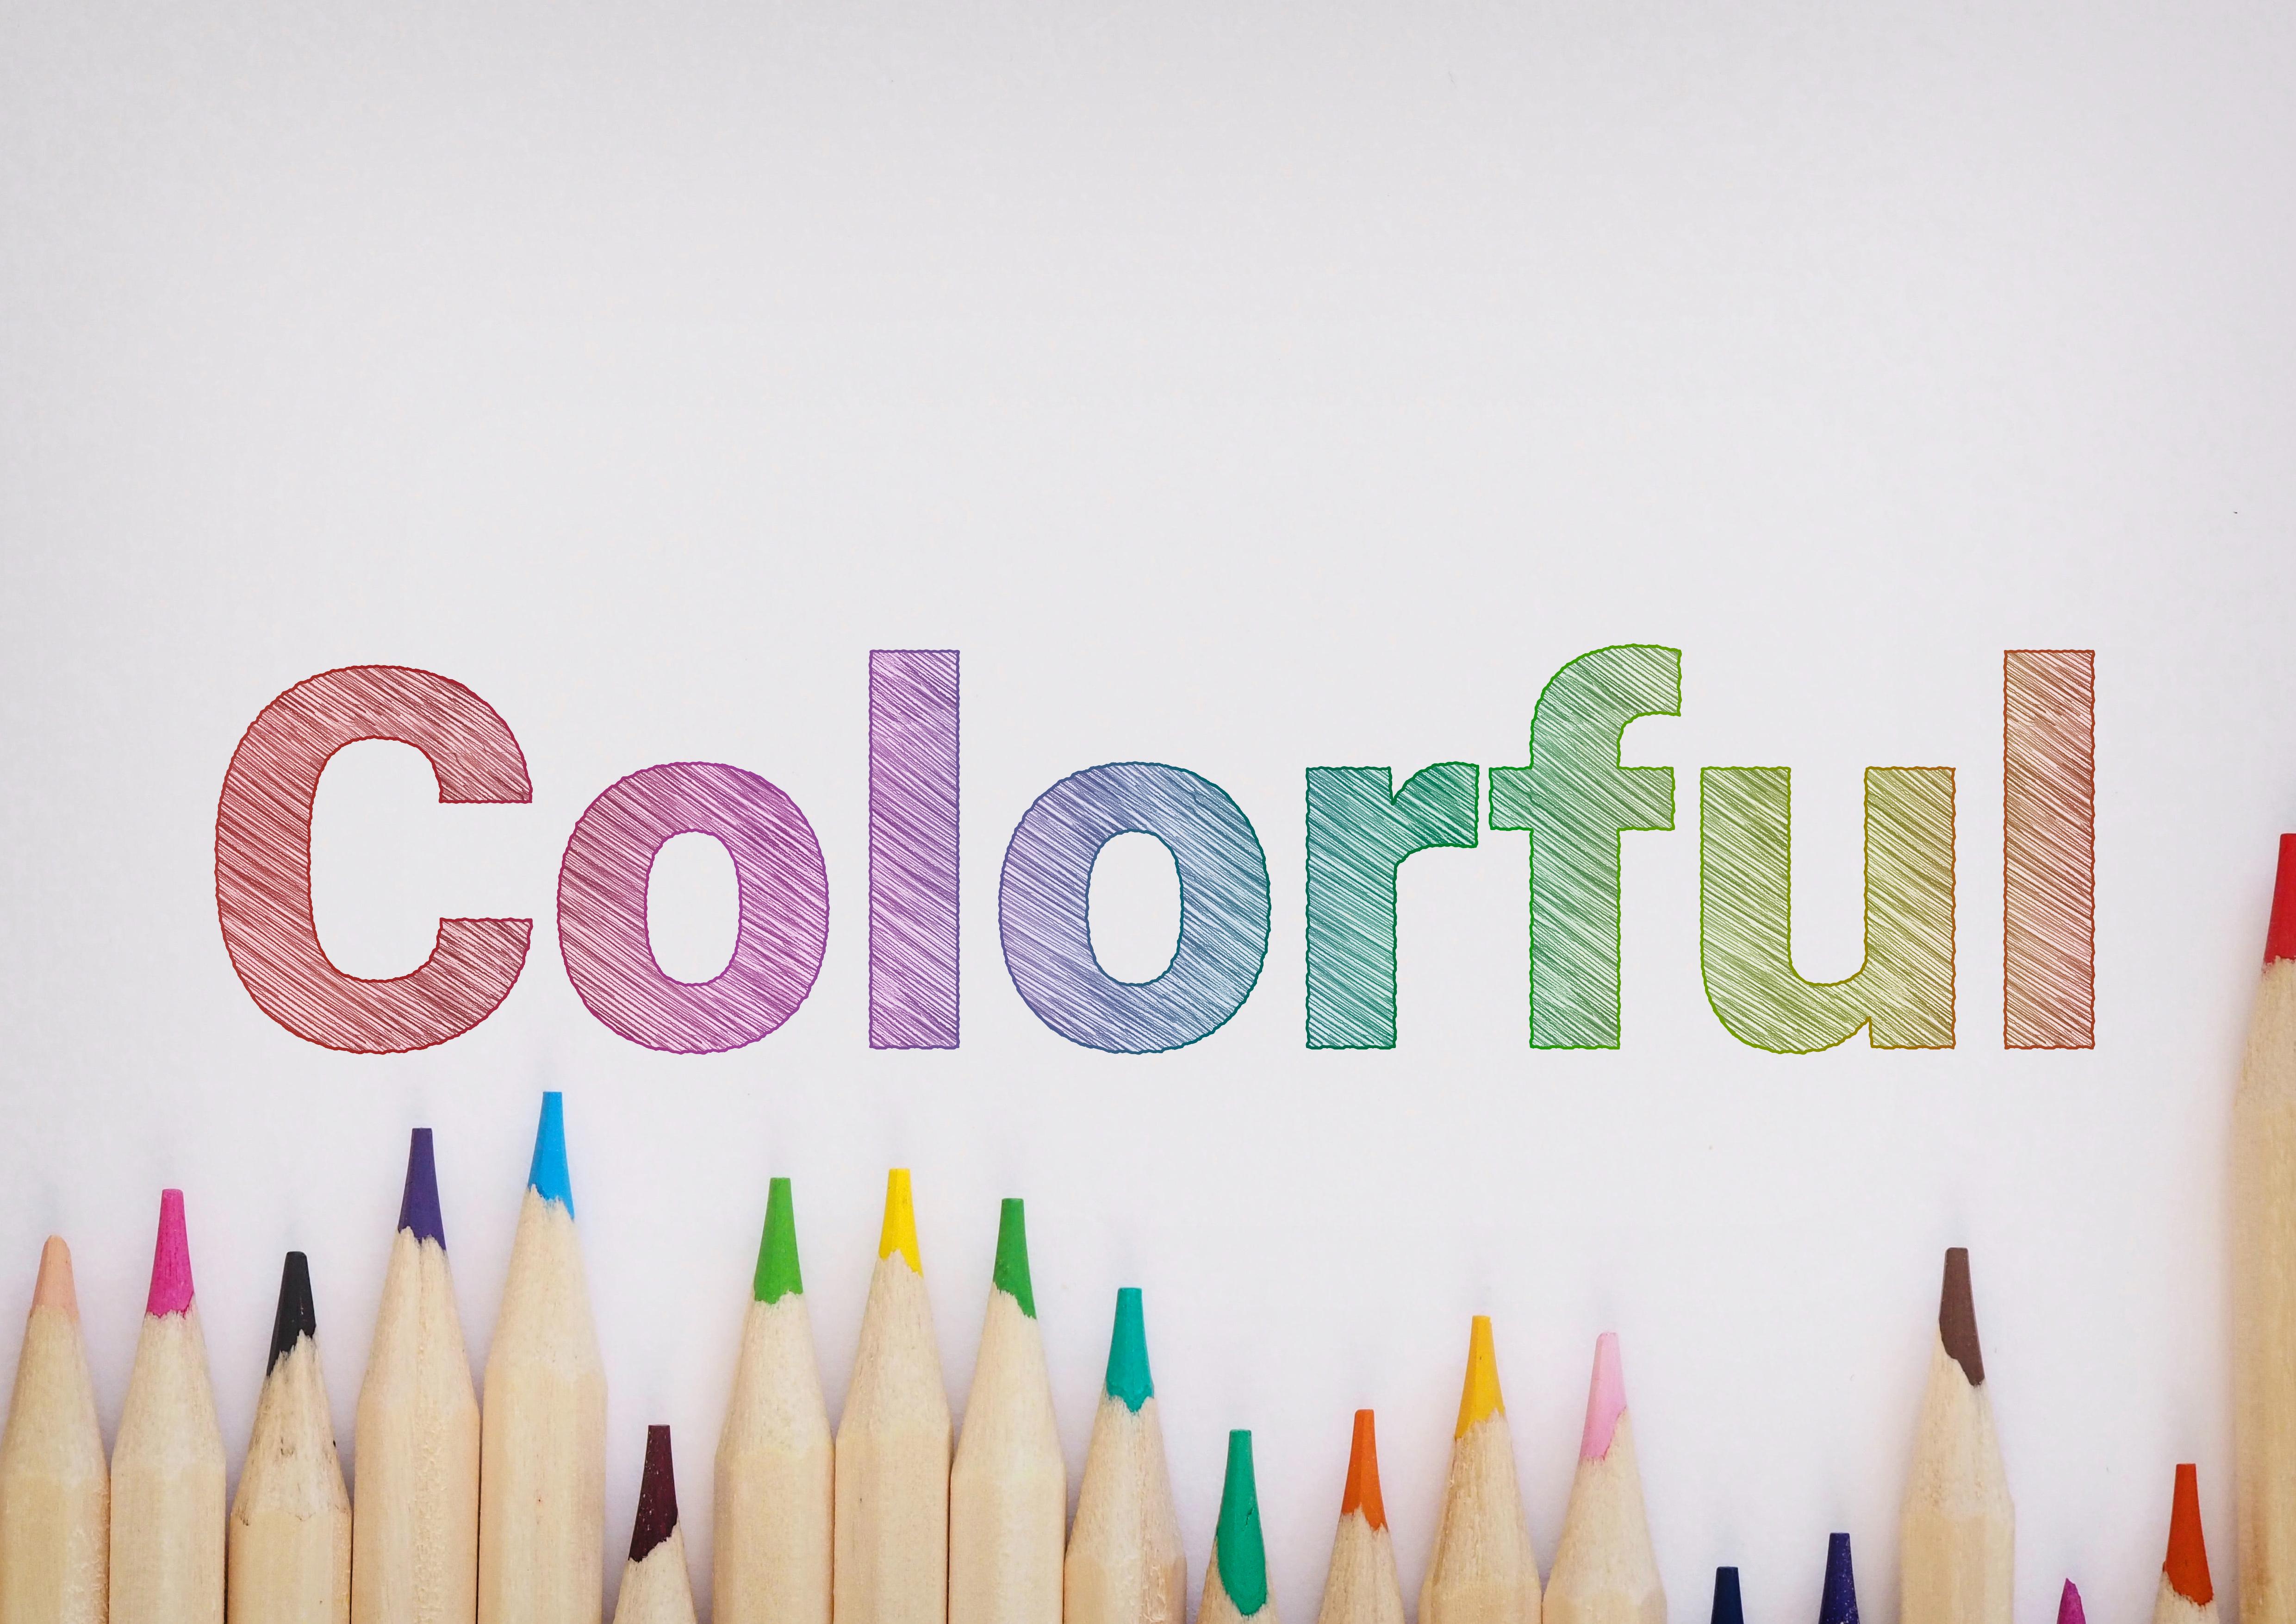 彩色铅笔素描文字效果文本处理滤镜PS样式素材 Colourful Pencil Sketch Text Effect插图1